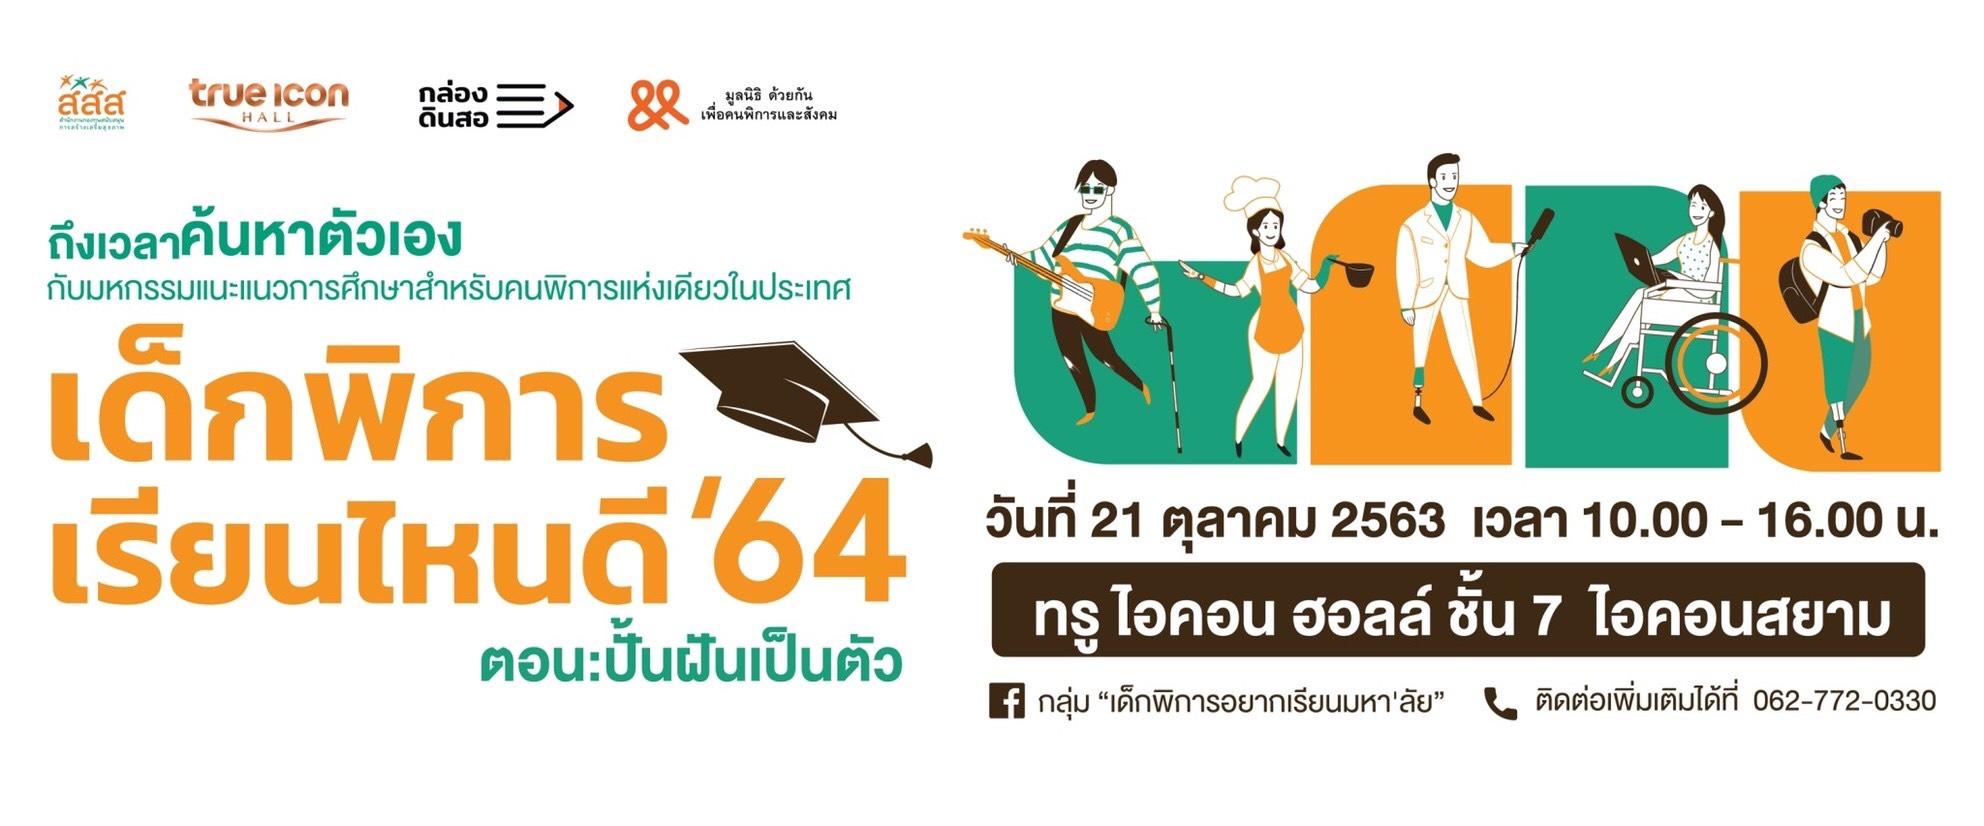 """มหกรรมแนะแนวการศึกษาสำหรับคนพิการแห่งเดียวในประเทศไทย """"เด็กพิการเรียนไหนดี 64"""" ตอนปั้นฝันเป็นตัว"""